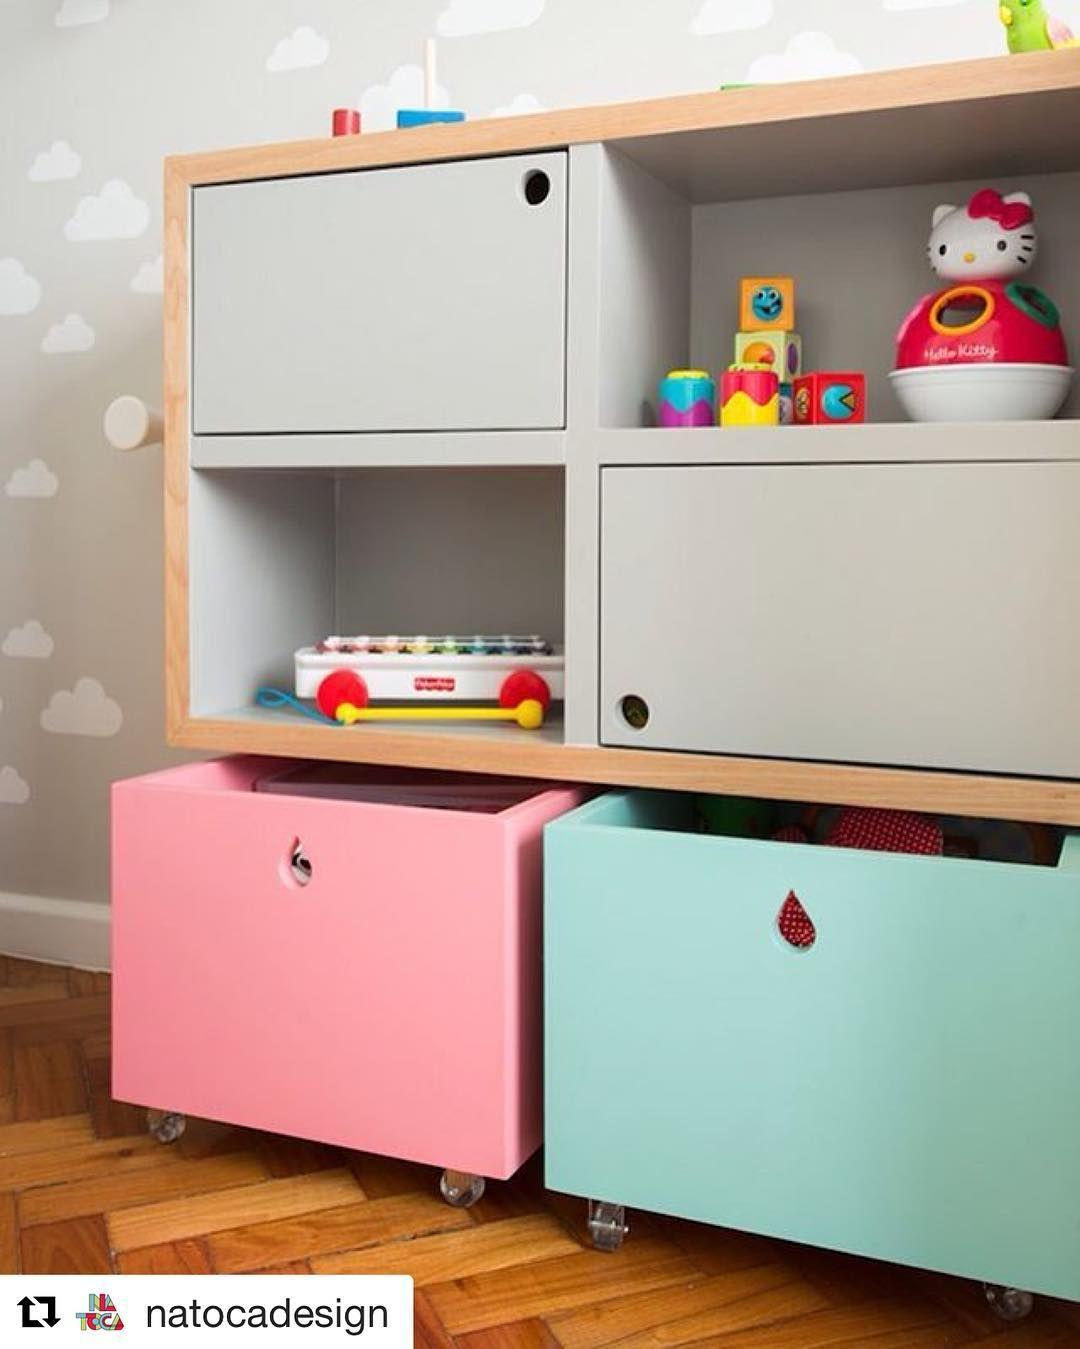 Para Organizar Brinquedos Nada Melhor Do Que Nichos E Ba S Voc  ~ Como Organizar O Quarto Com Nichos